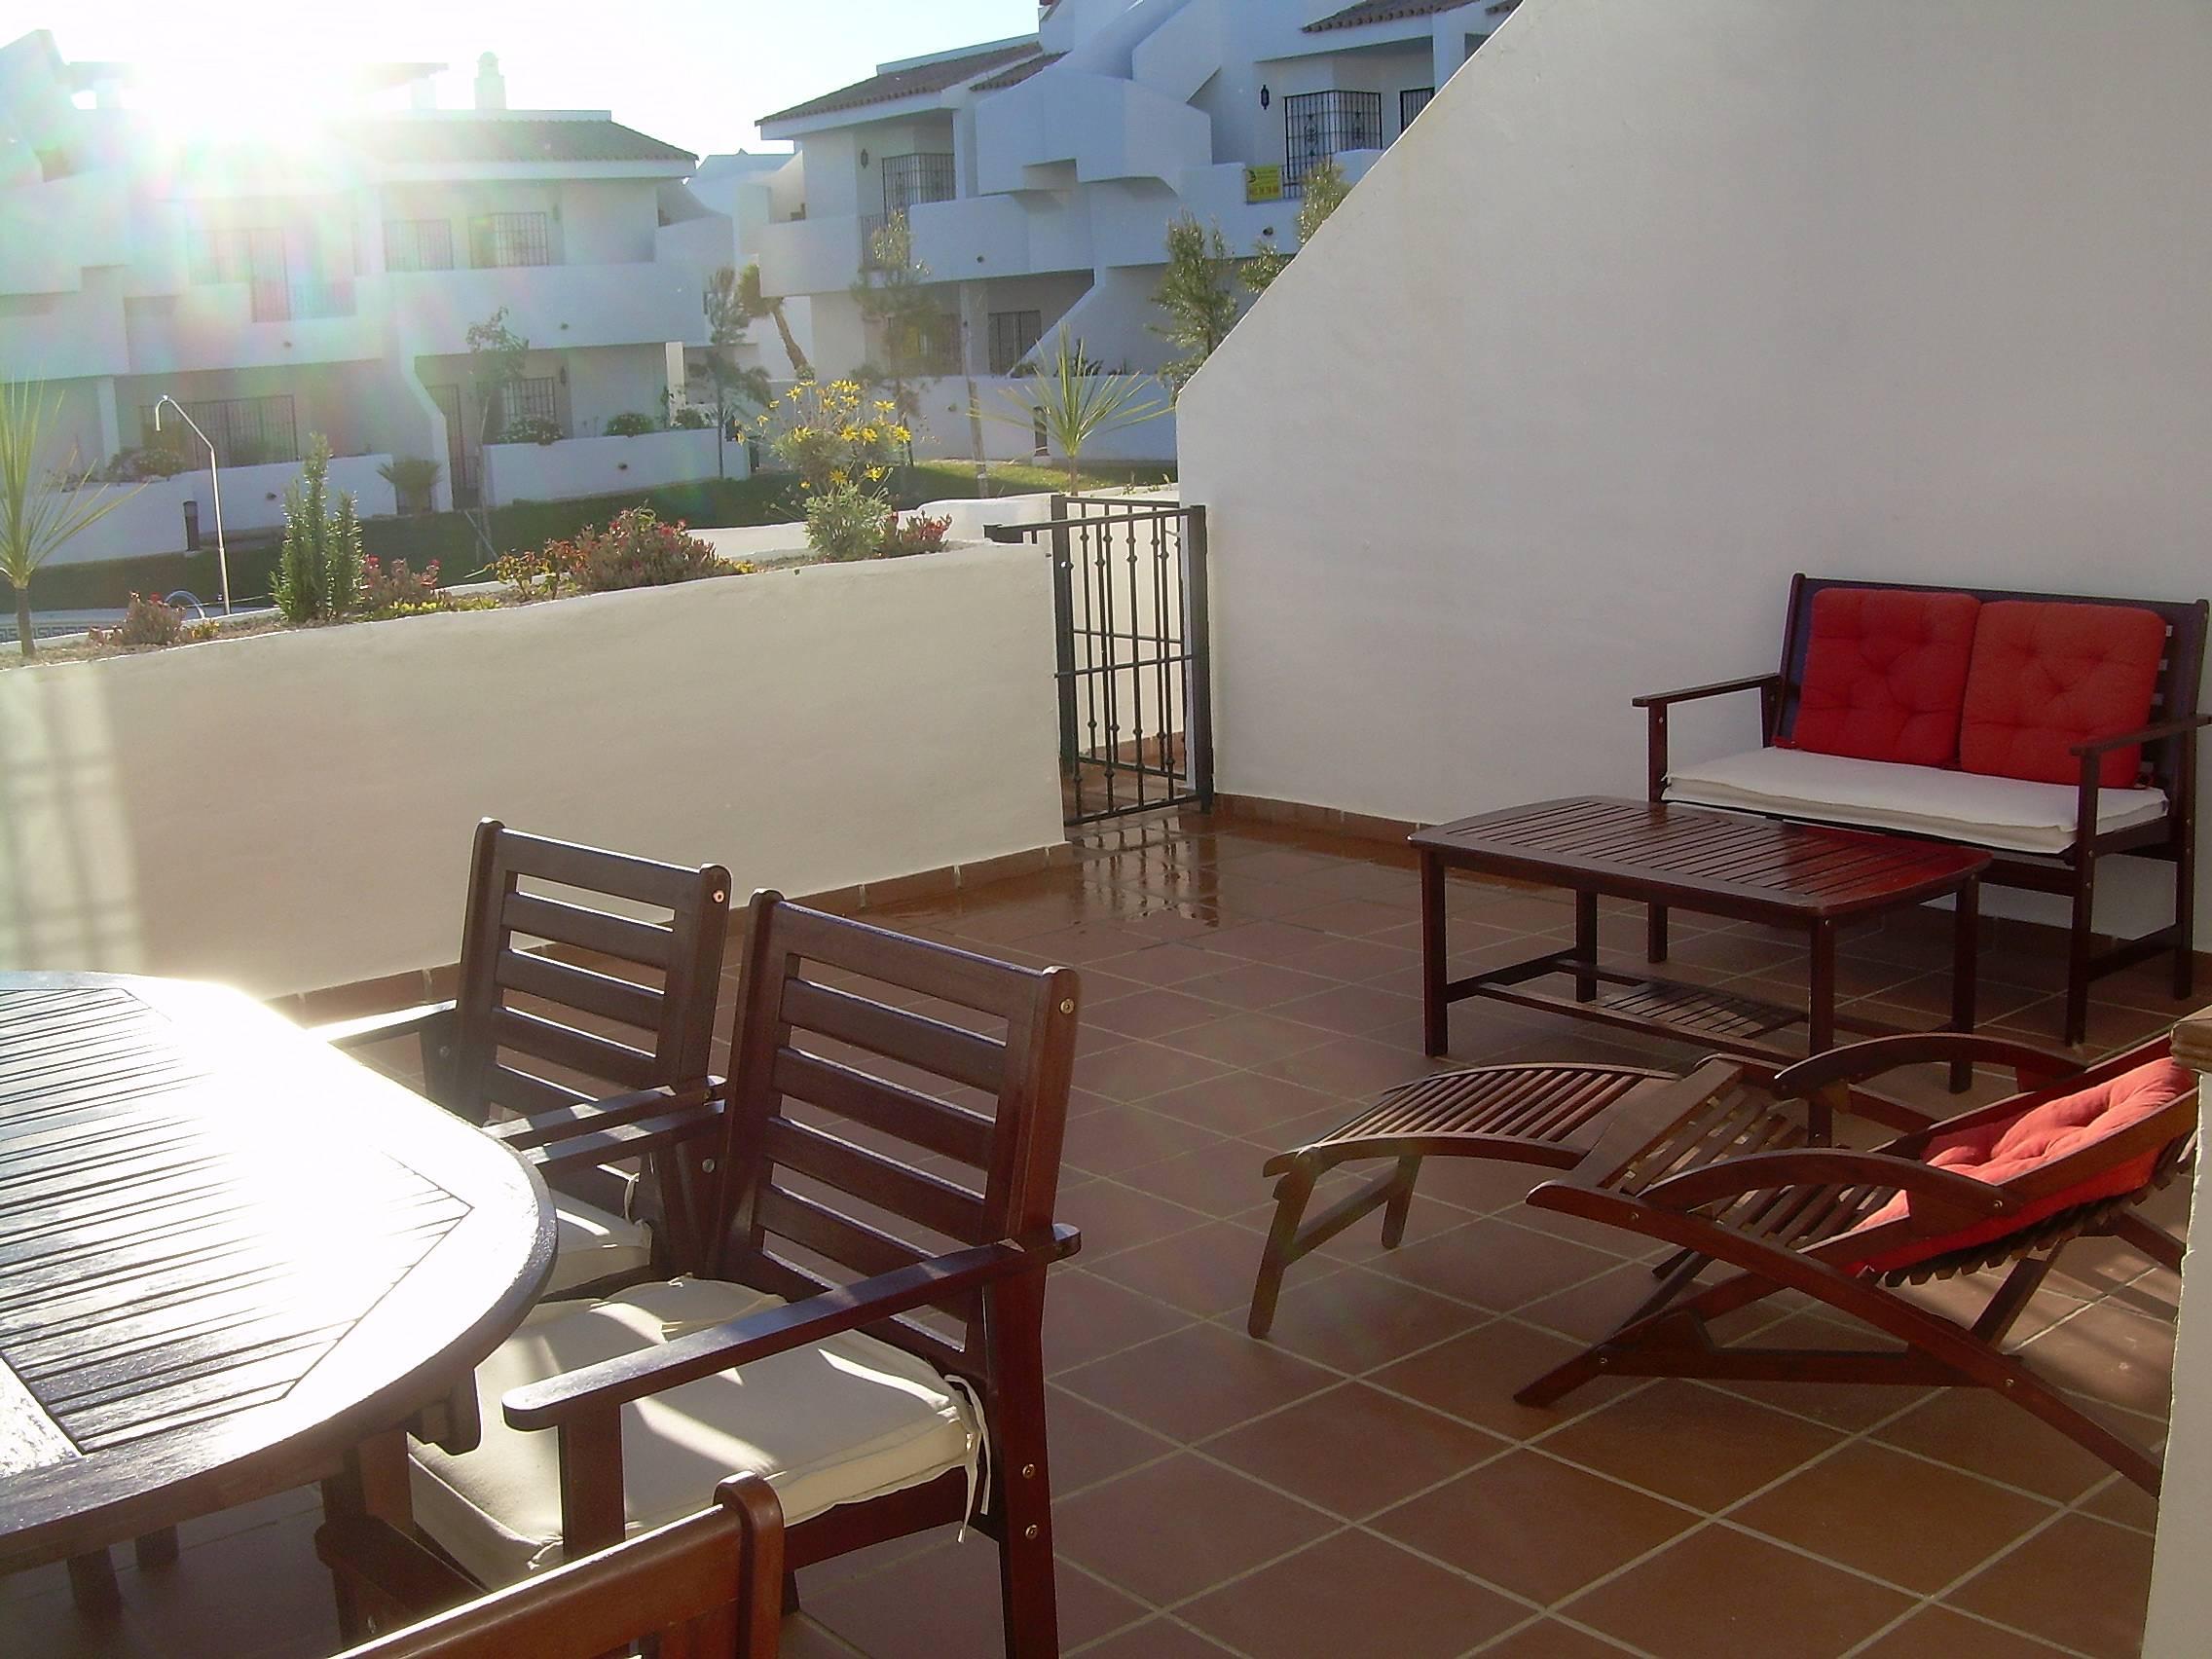 Apartamento en alquiler a 600 m de la playa islantilla i cristina isla cristina huelva - Apartamento en islantilla playa ...